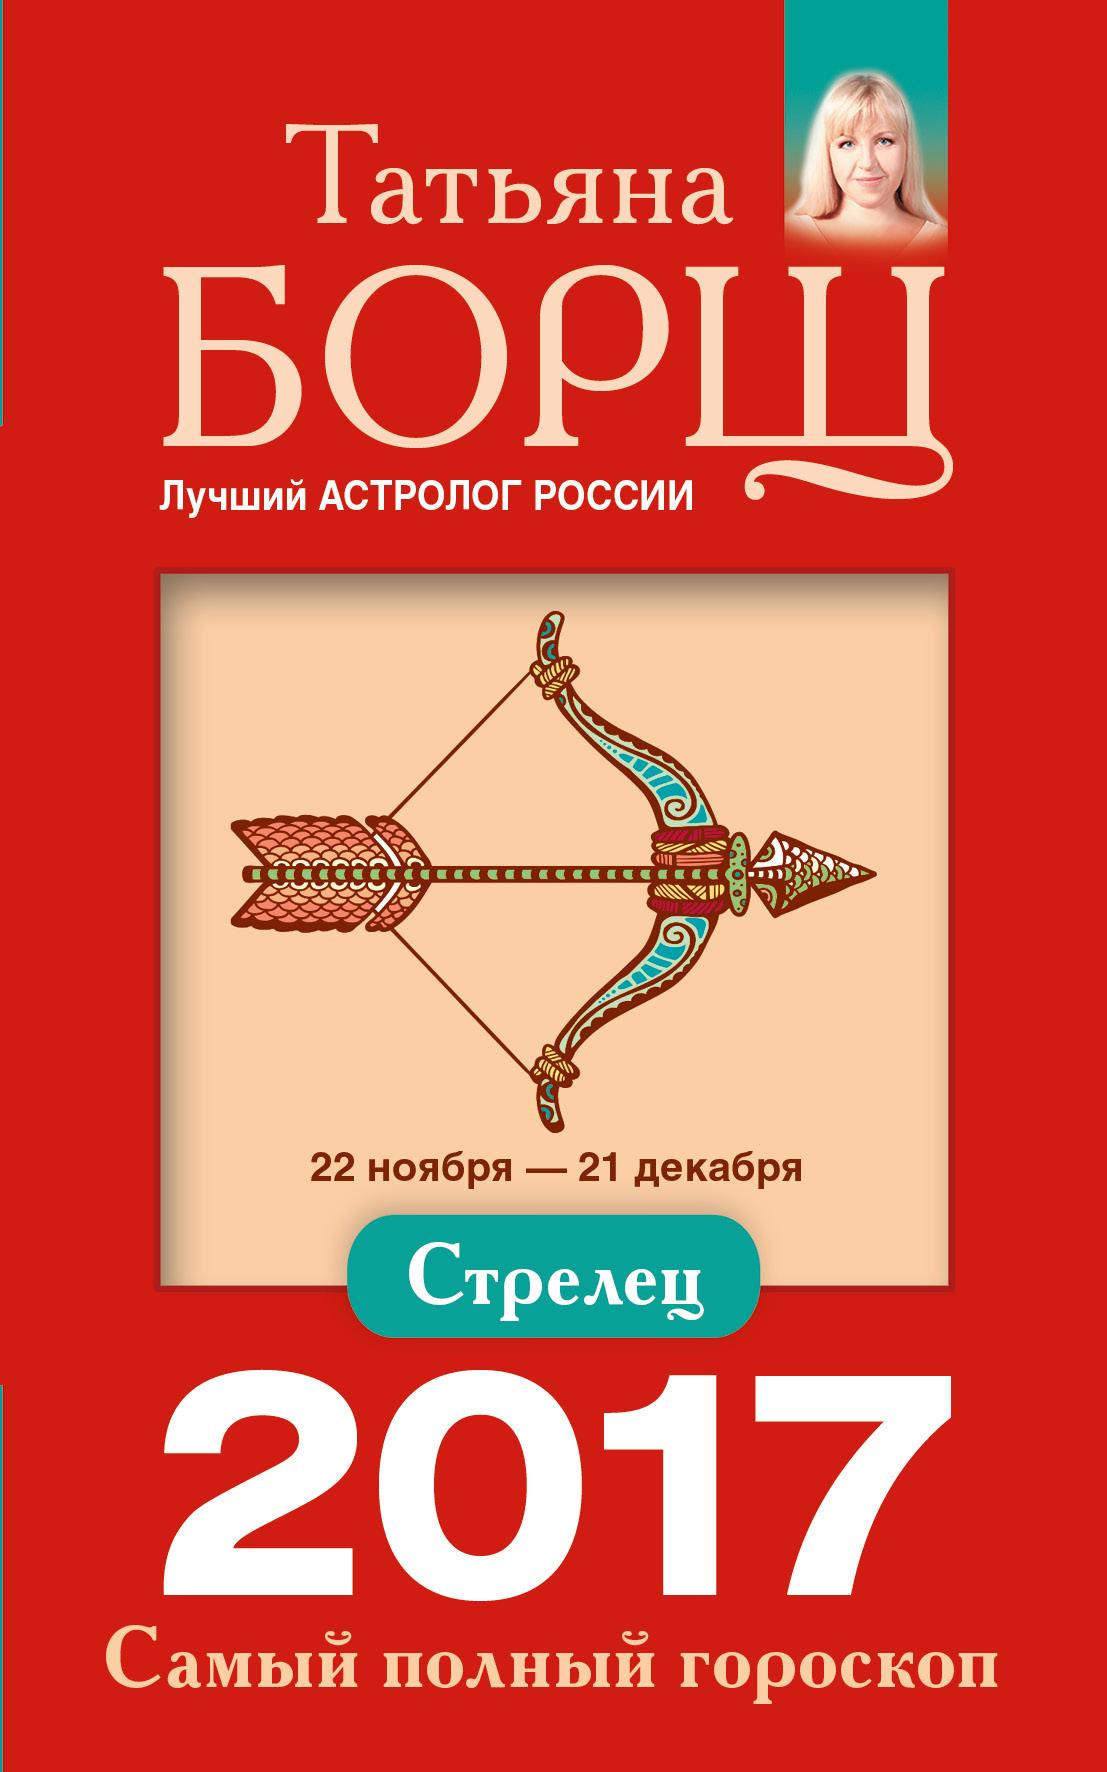 Татьяна Борщ Стрелец. Самый полный гороскоп на 2017 год стоимость